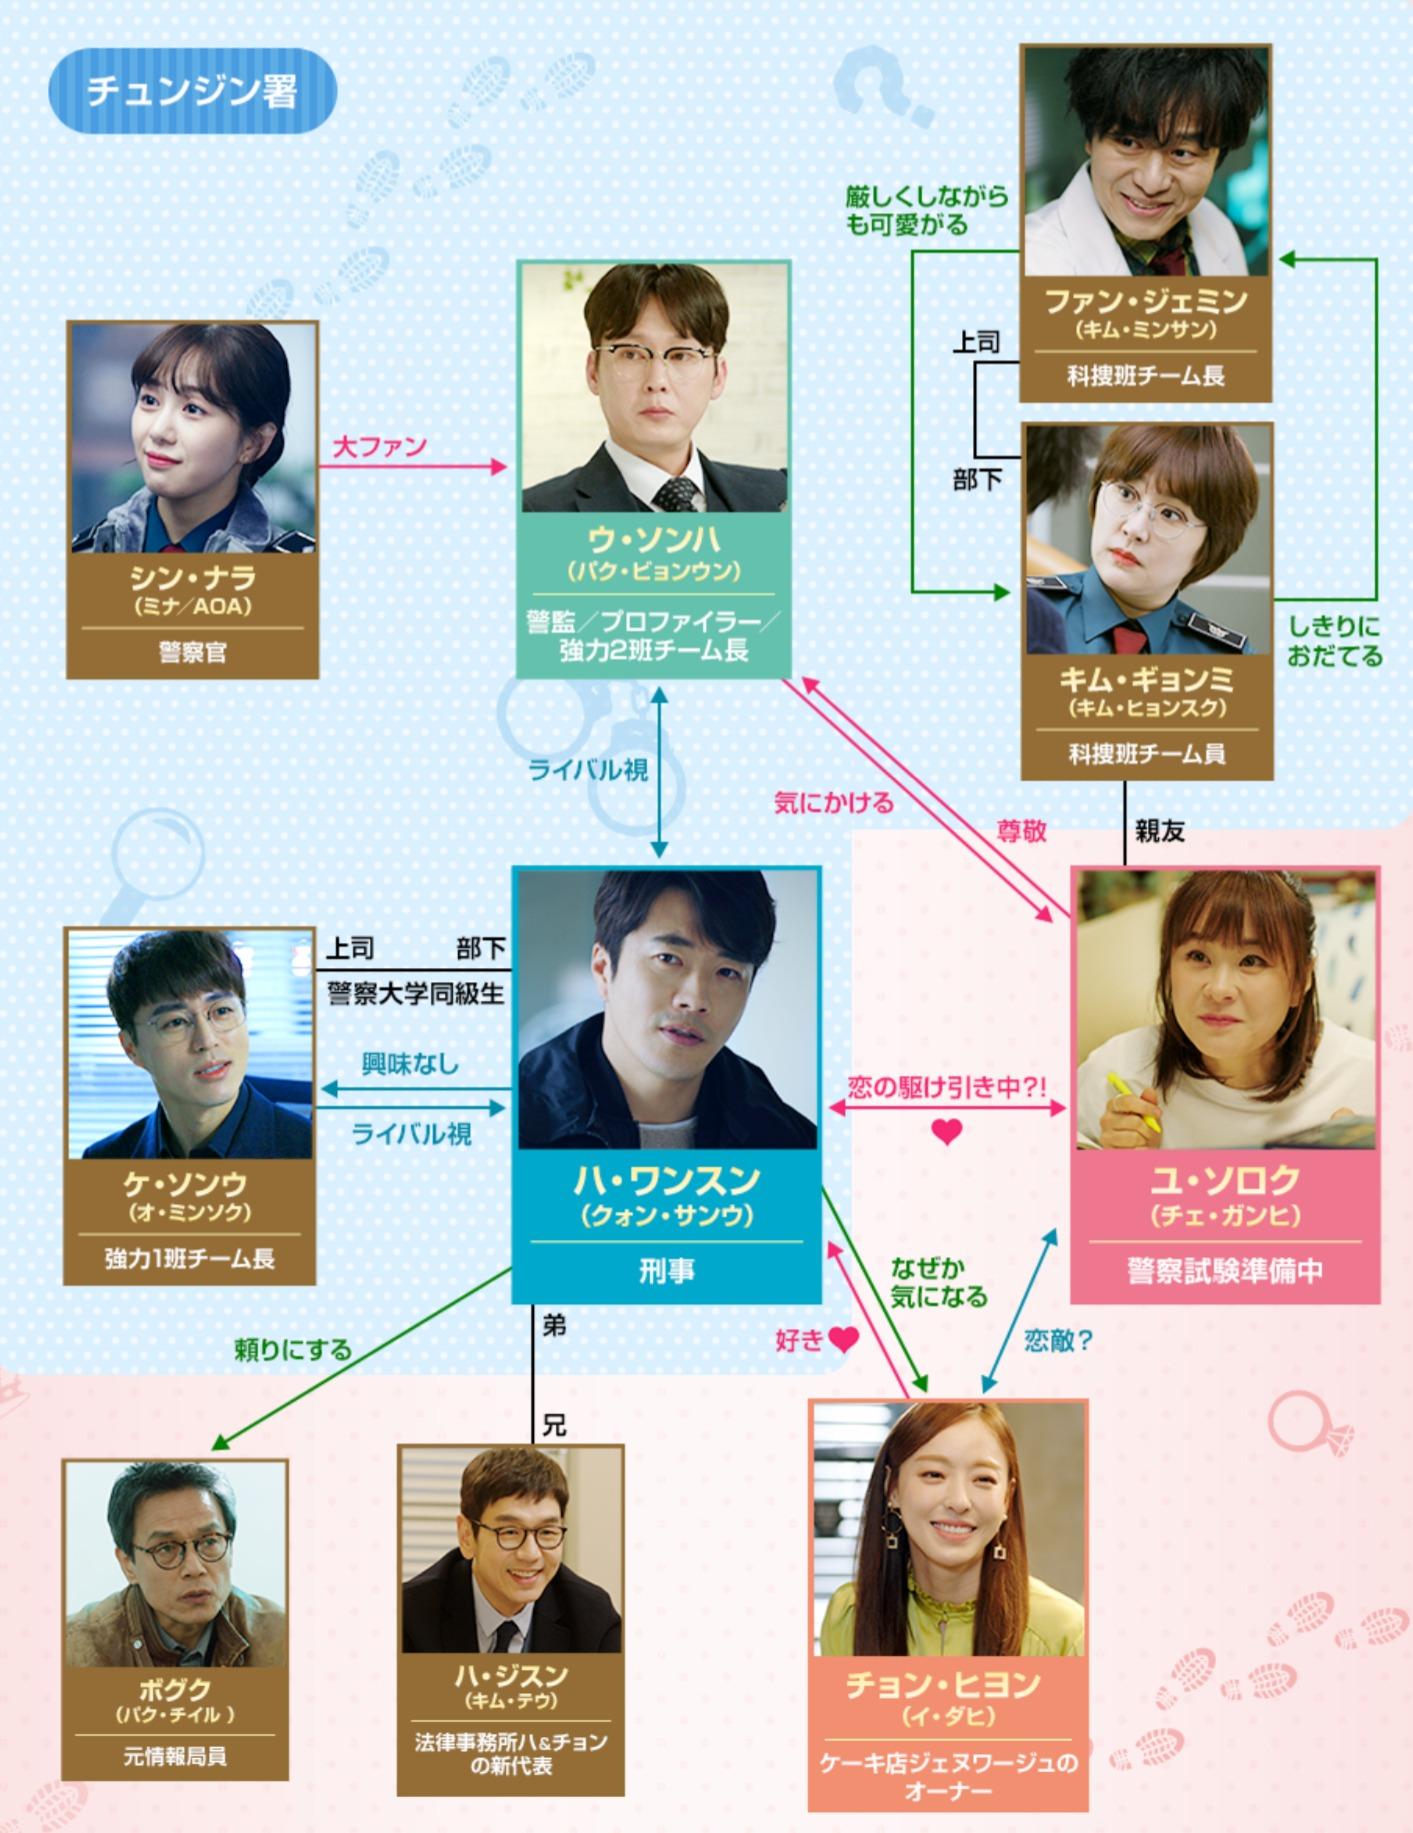 韓国ドラマ『推理の女王2~恋の捜査線に進展アリ?!~』登場人物相関図(関係図)